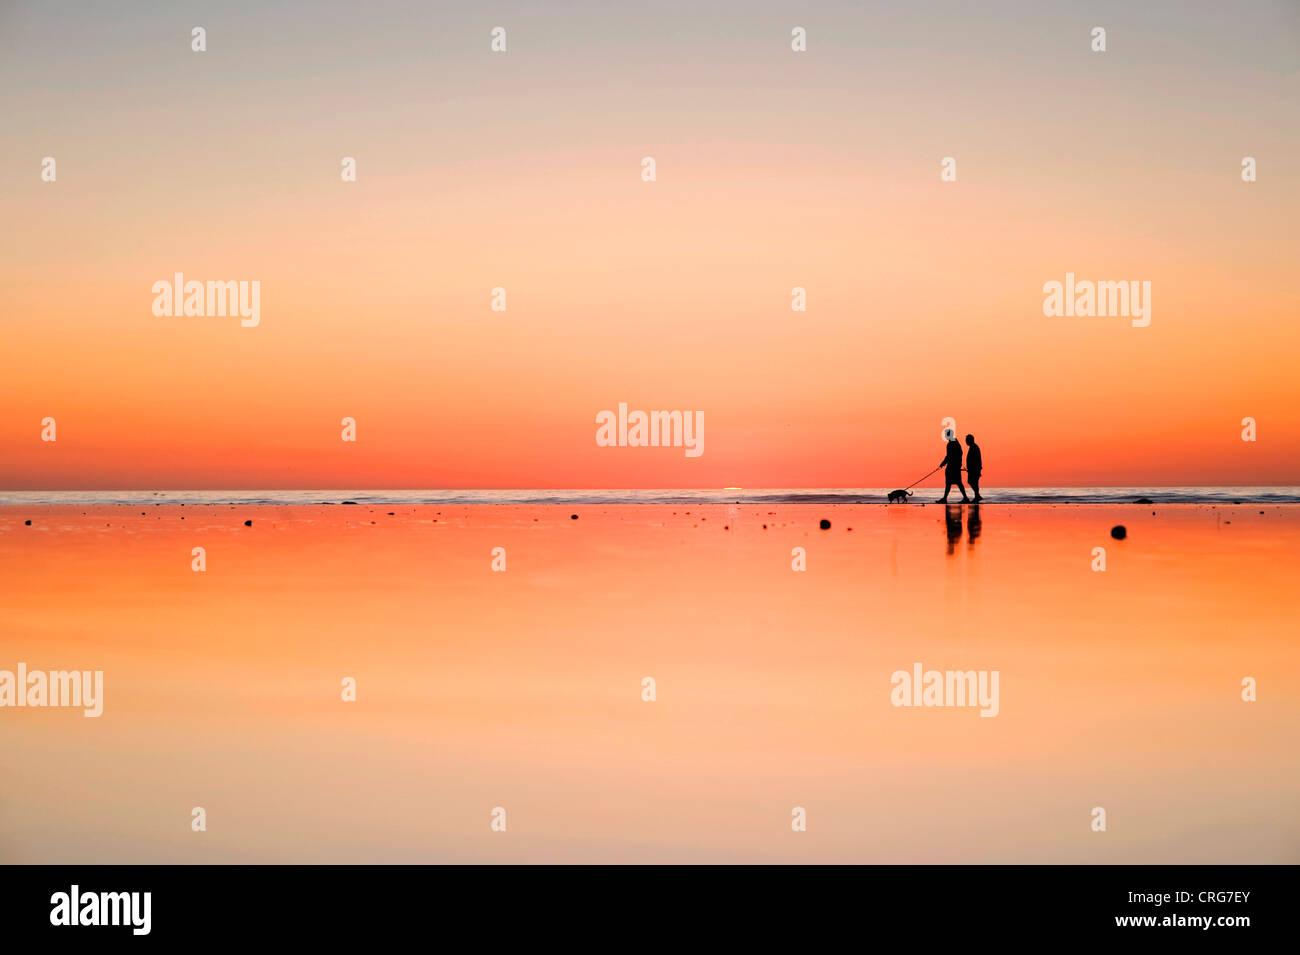 Siluetas de figuras caminar a su perro en la arena mojada al lado del océano al atardecer. Imagen De Stock